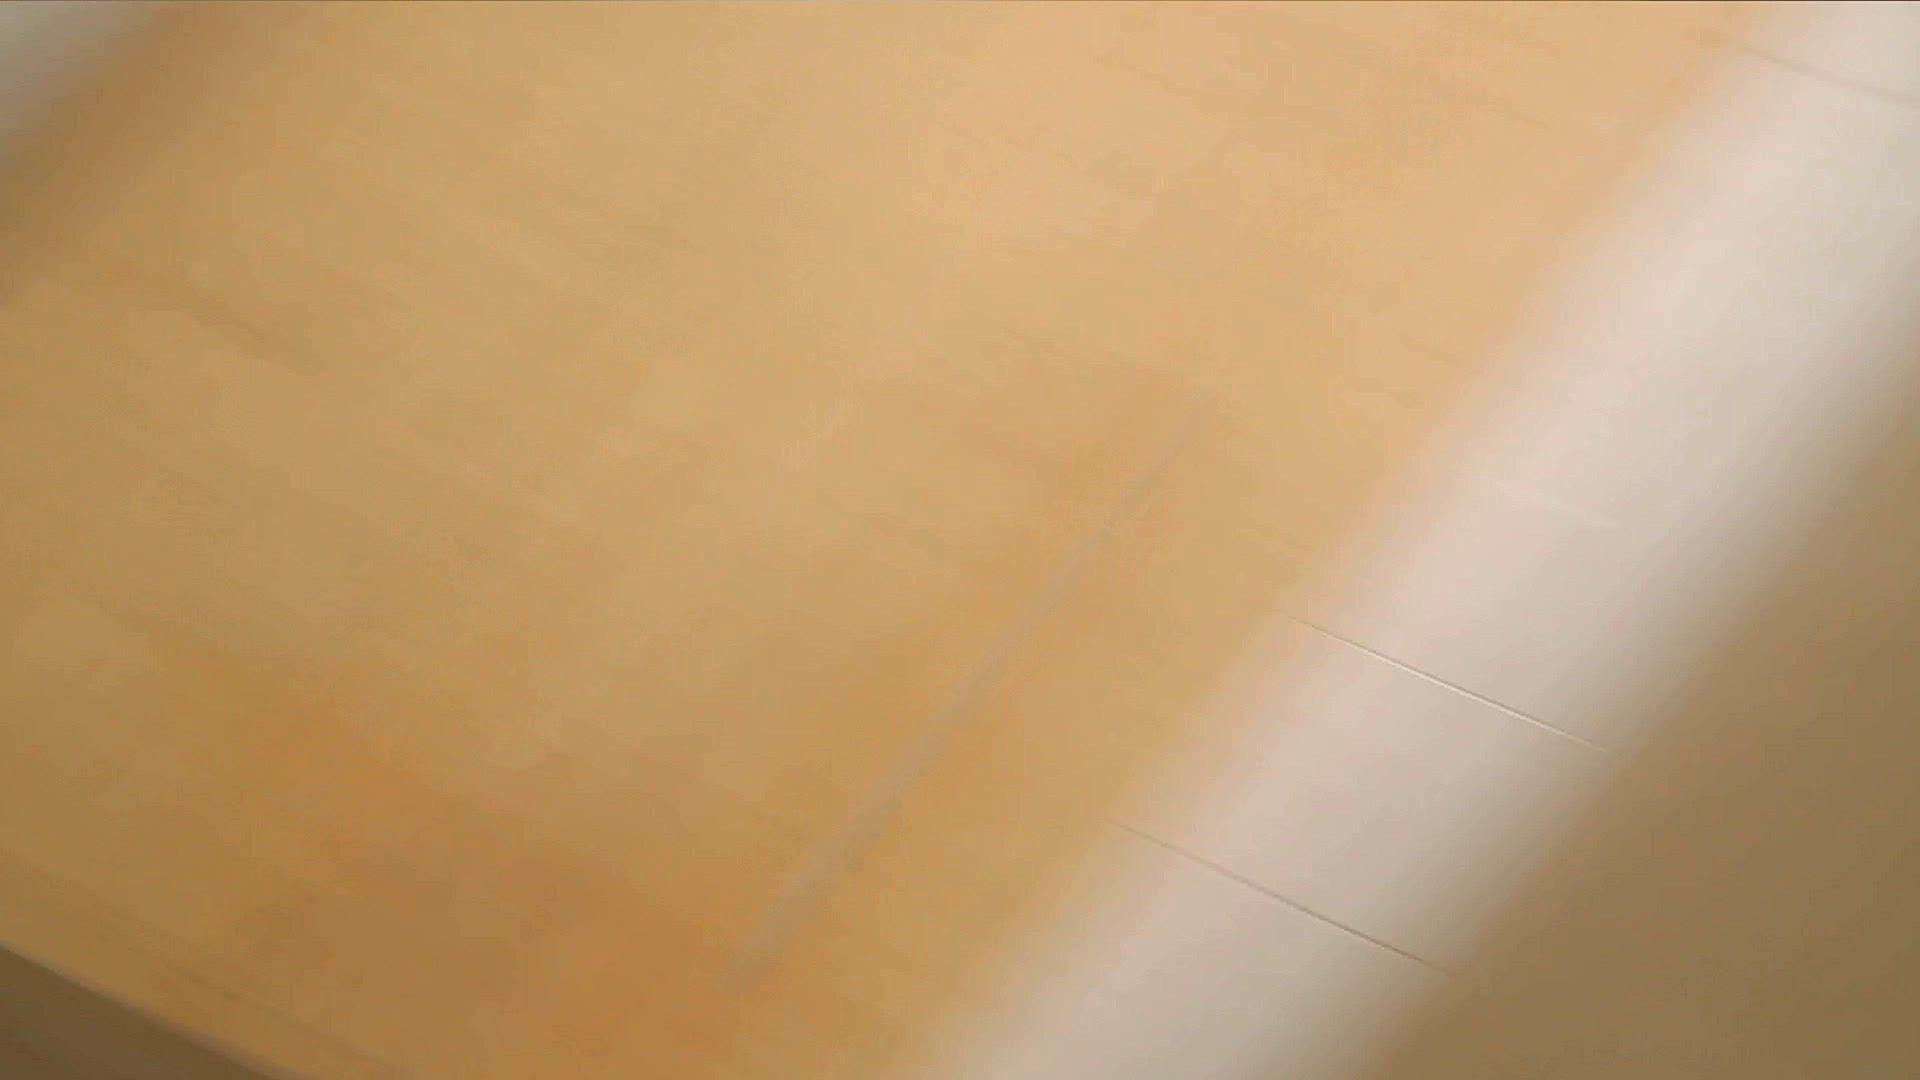 阿国ちゃんの「和式洋式七変化」No.1 洗面所  113pic 91